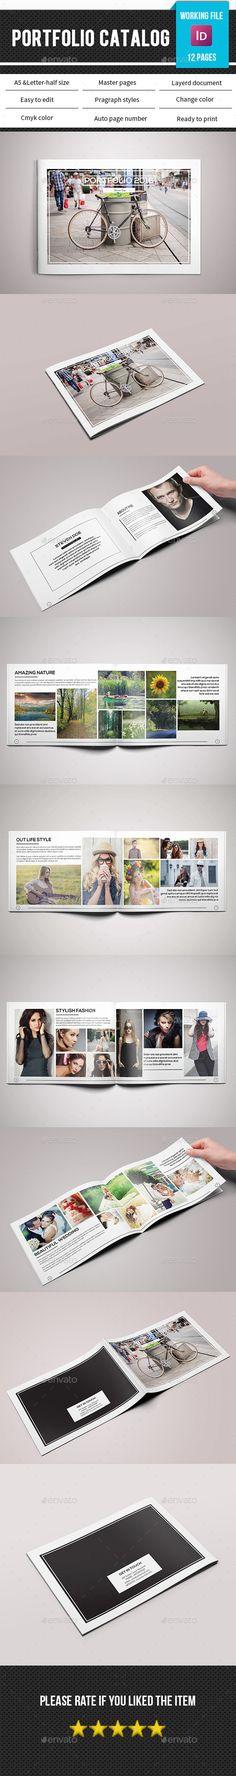 Portfolio Catalog / Brochure Template InDesign INDD #design Download: http://graphicriver.net/item/portfolio-catalogbrochurev187/14309865?ref=ksioks